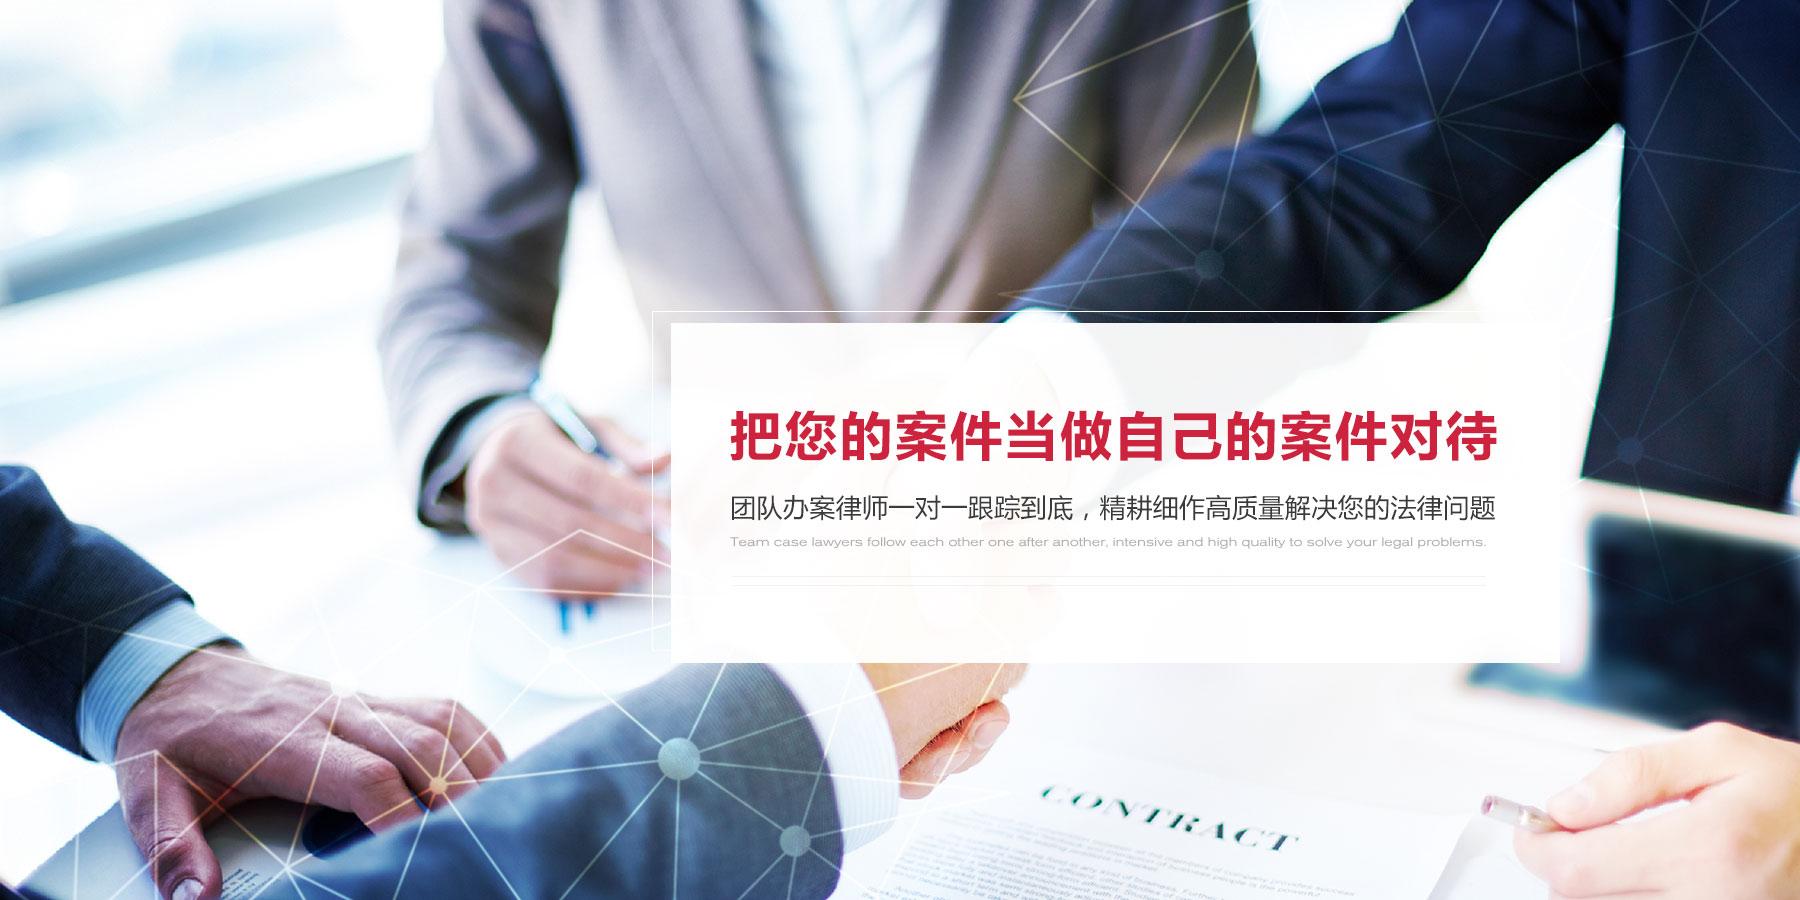 北京专业房产婚姻律师网-北京专业婚姻家事律师团队